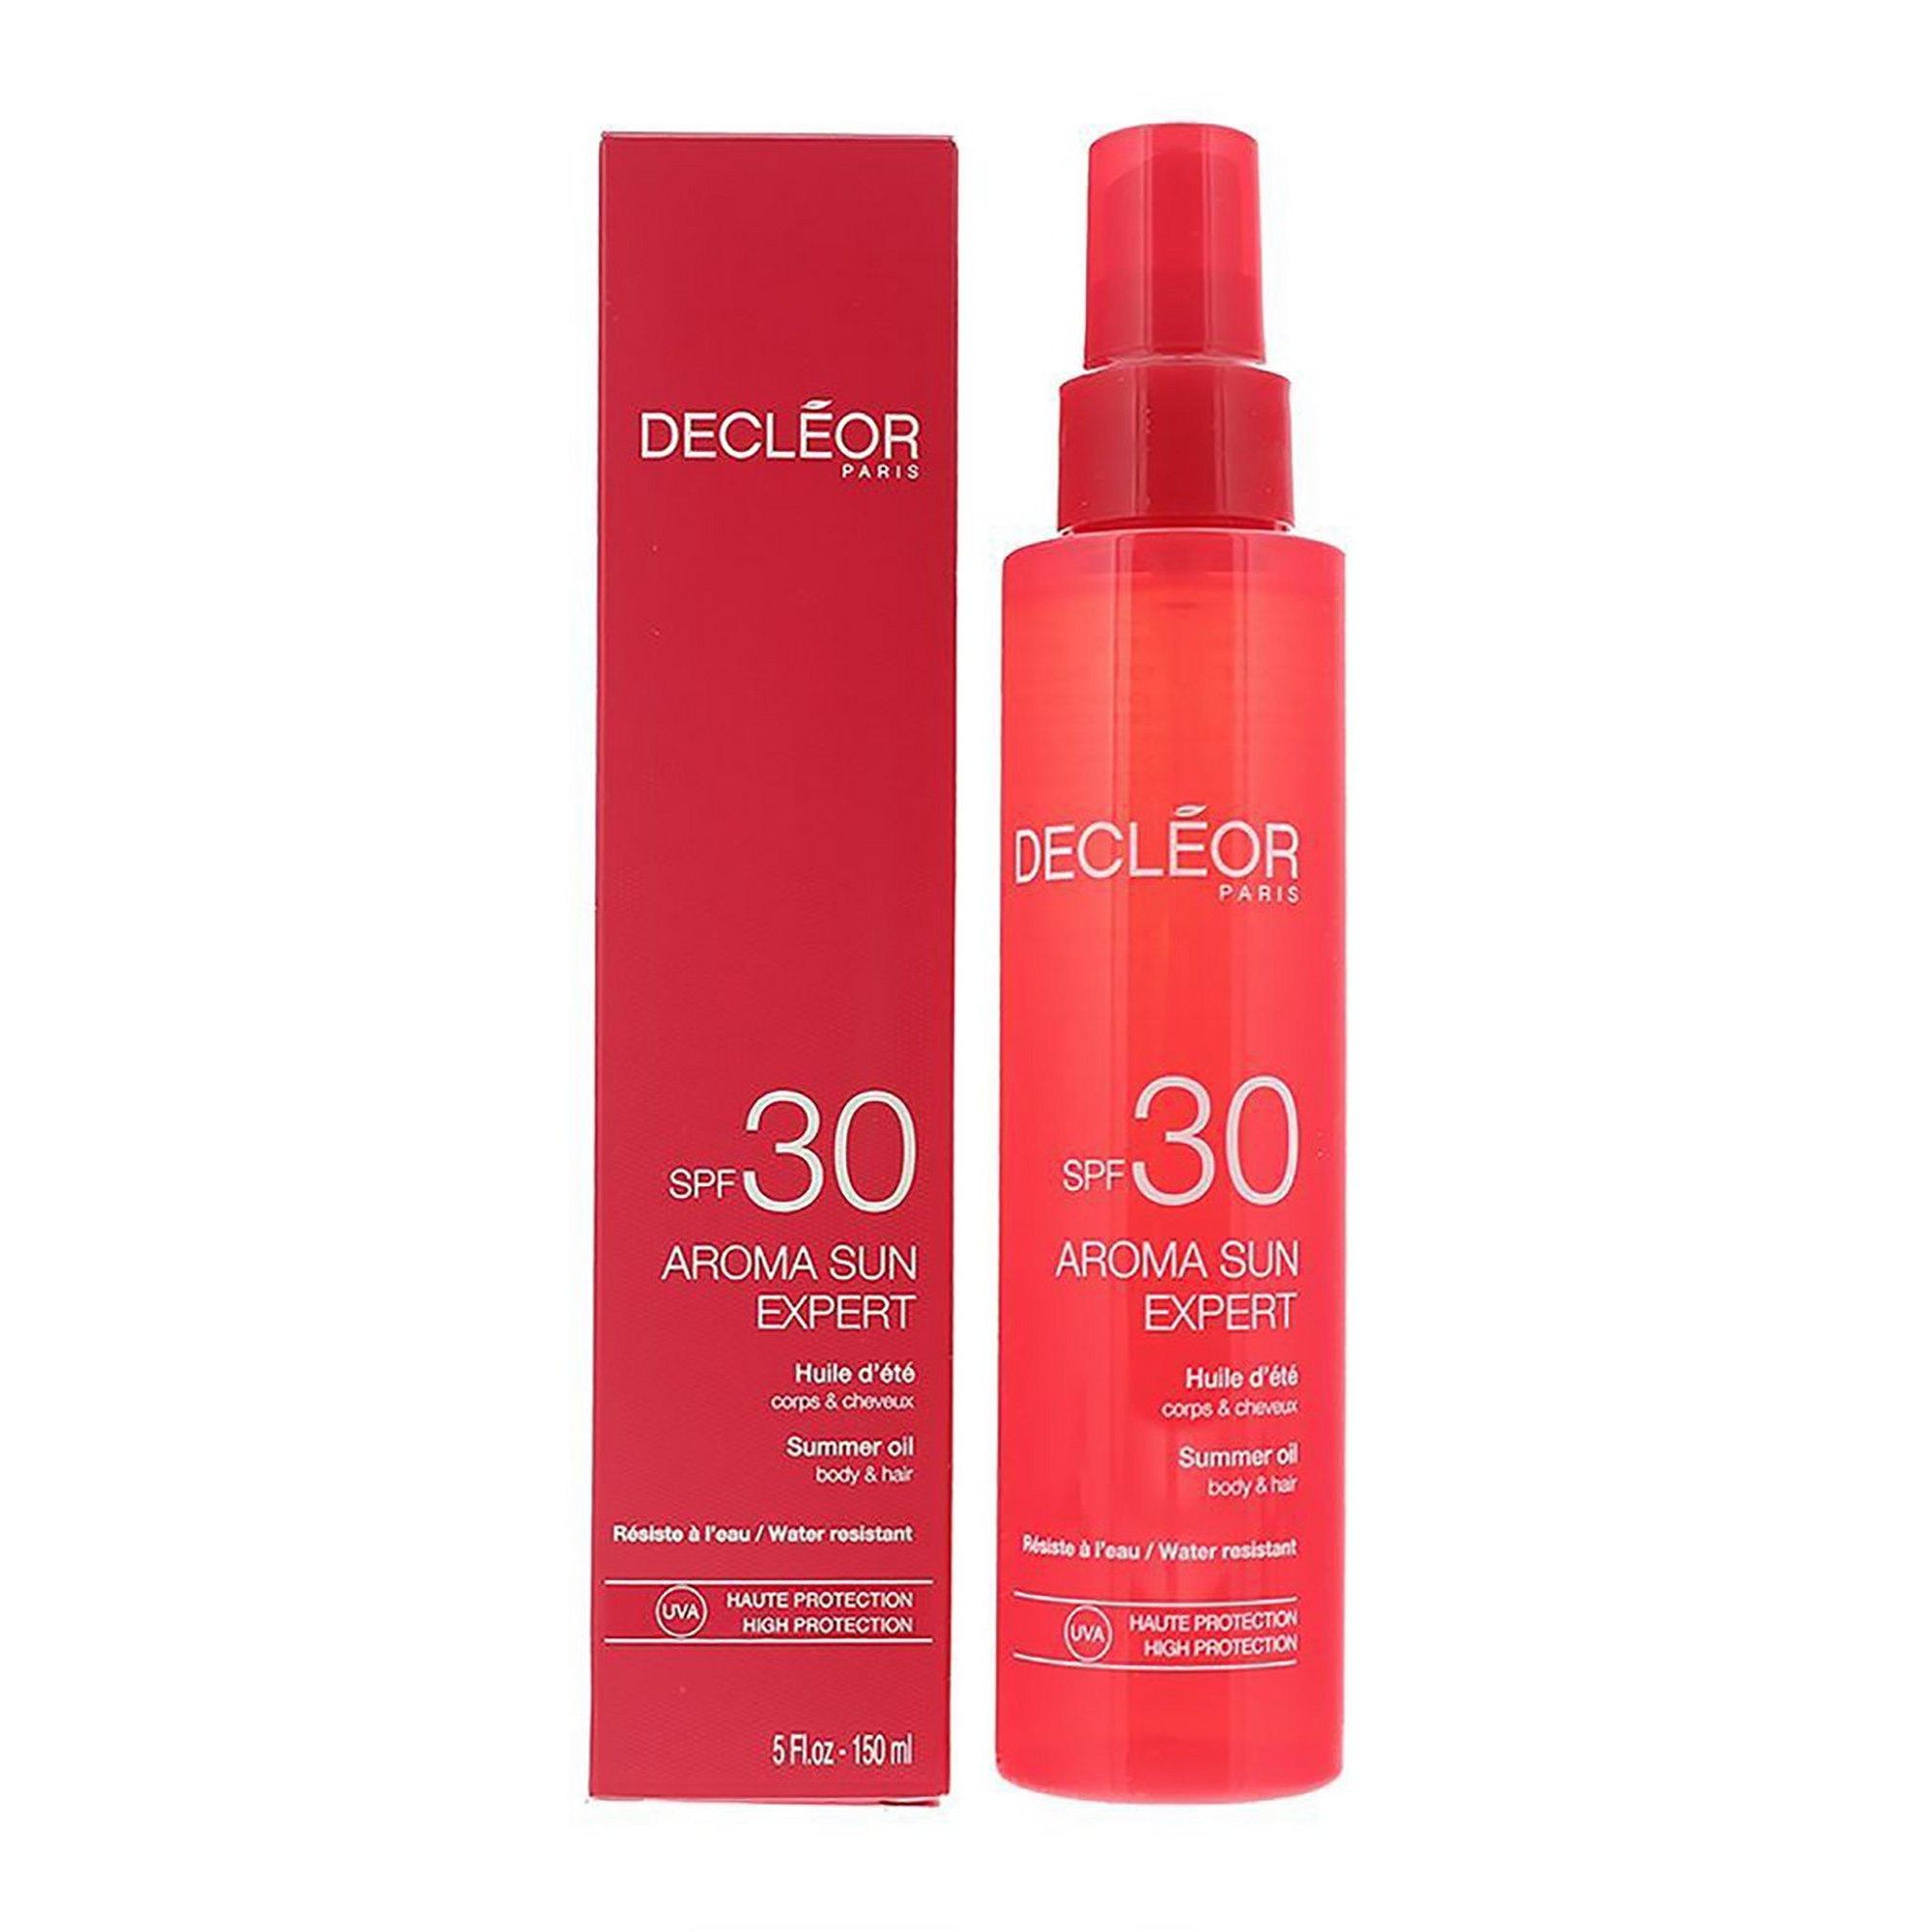 Image of Decleor Aroma Sun Expert Summer Oil SPF30 150ml